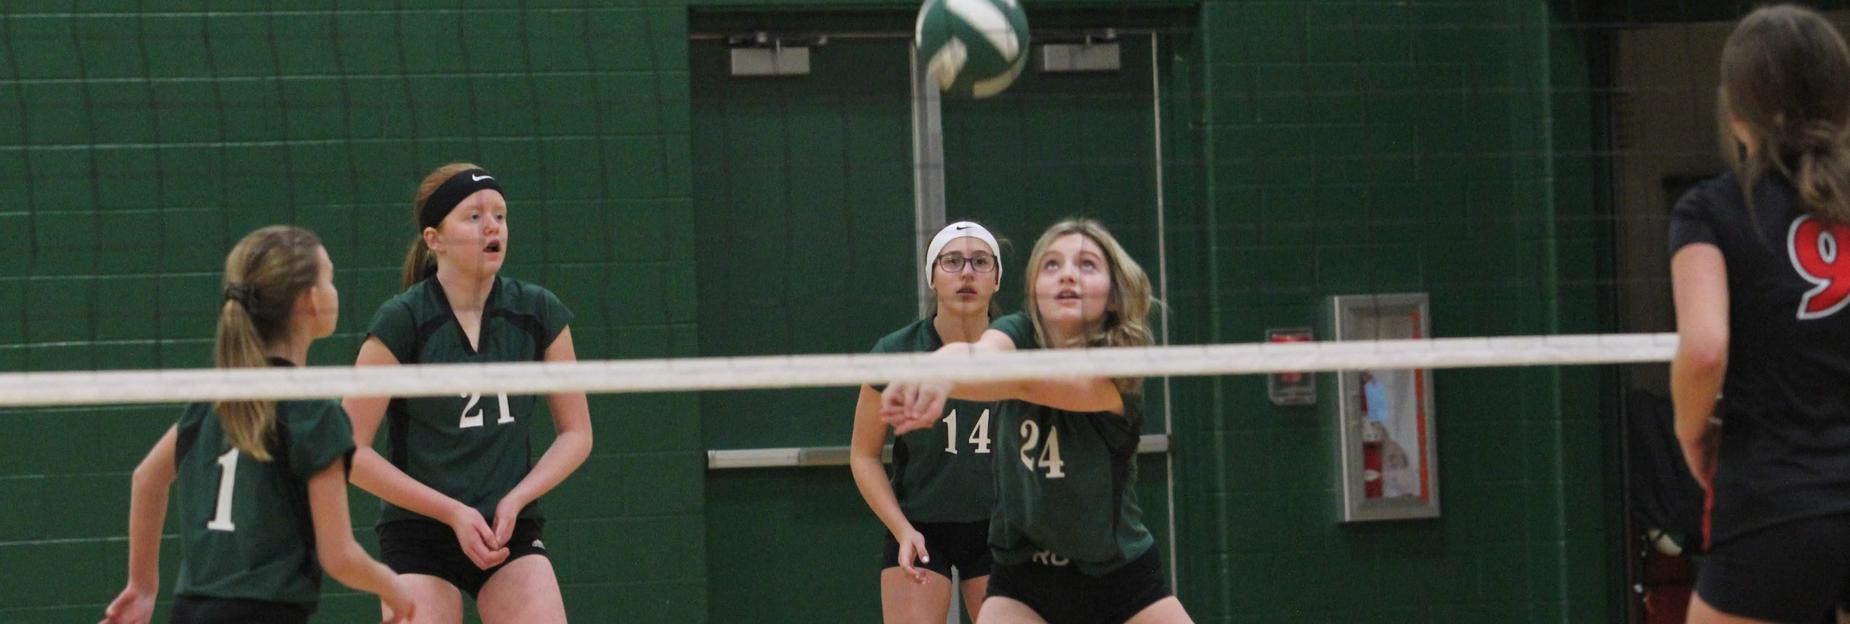 Volleyball bump, set, spike!